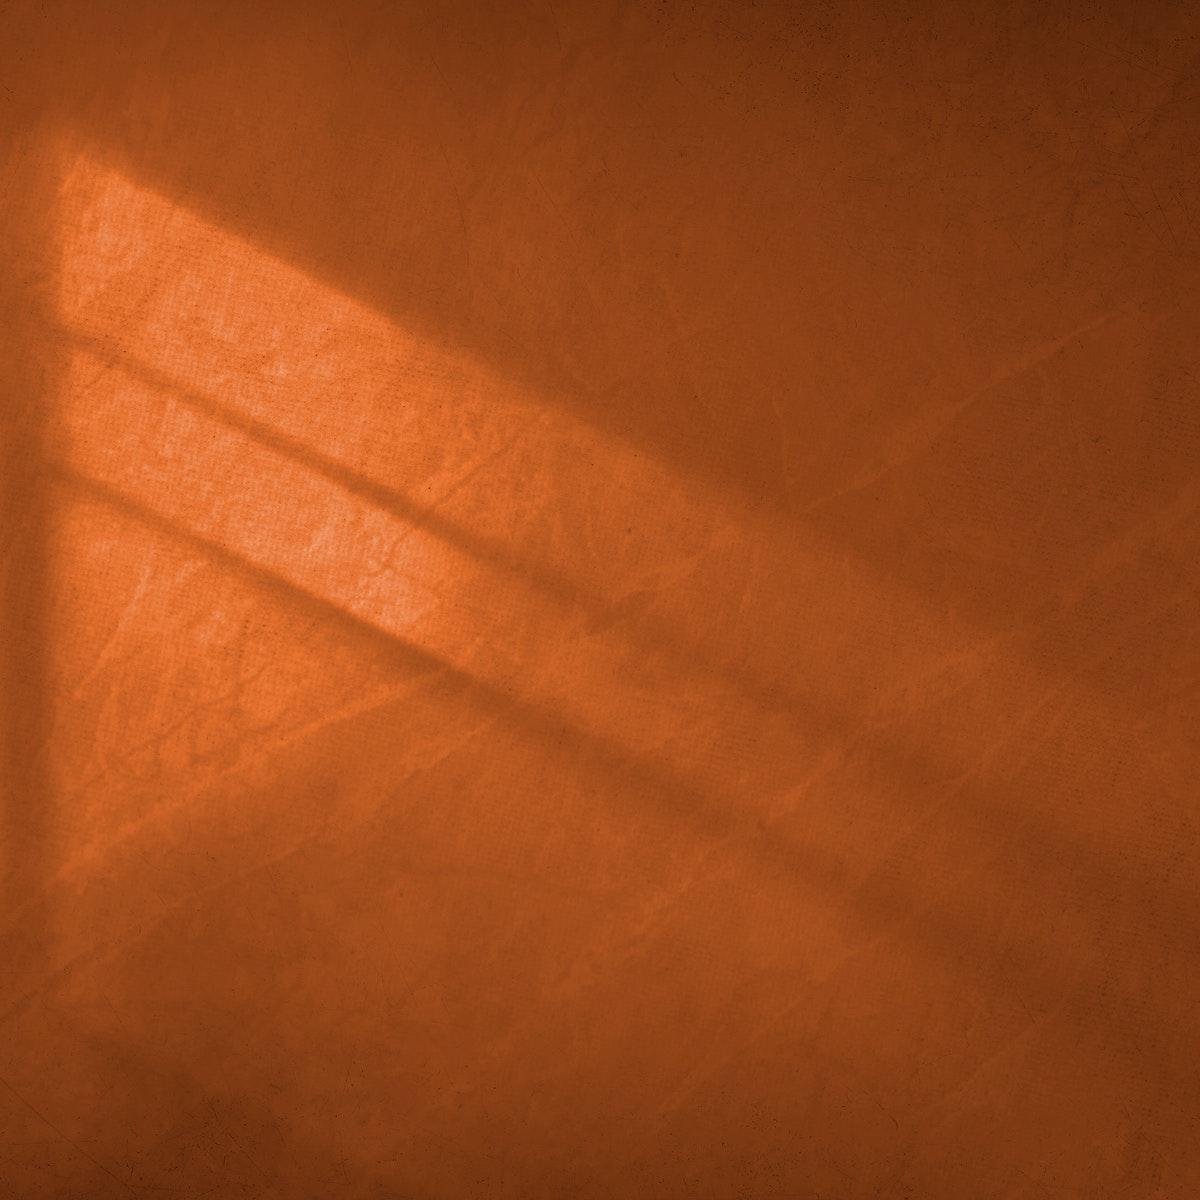 Diagonal shadows sun light on a wall